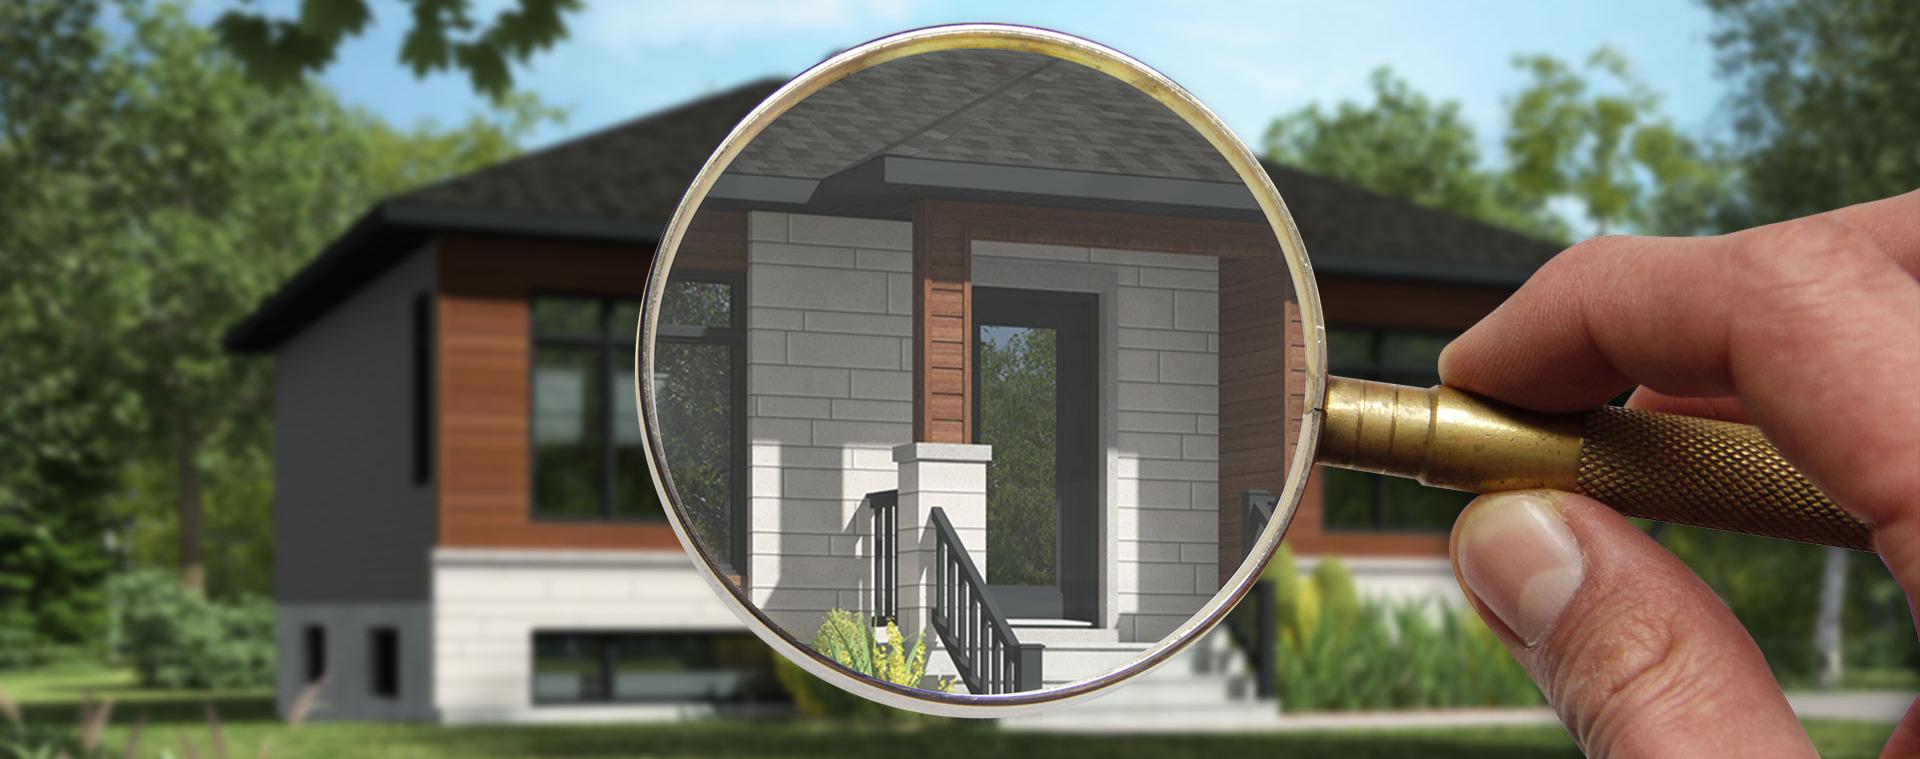 Votre stratégie en 5 étapes pour cibler la maison neuve idéale